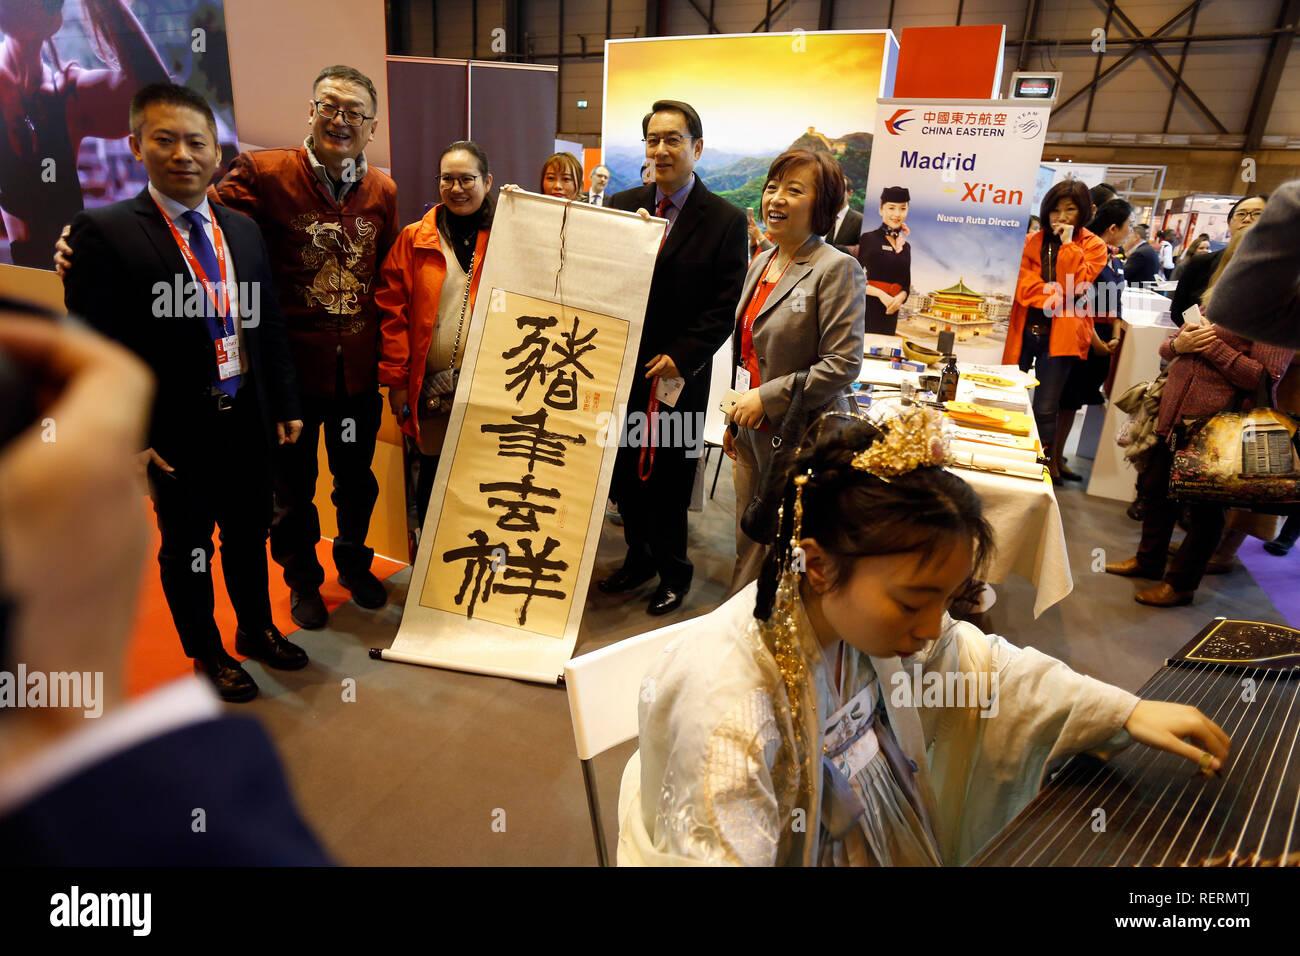 Embajador de España en China, Lyu Fan Visite el stand de China mientras recibe un regalo de FITUR expositores durante FITUR el día de apertura. Feria Internacional de Turismo (FITUR) es un espacio de encuentro internacional para los profesionales del turismo en todo el mundo. Foto de stock